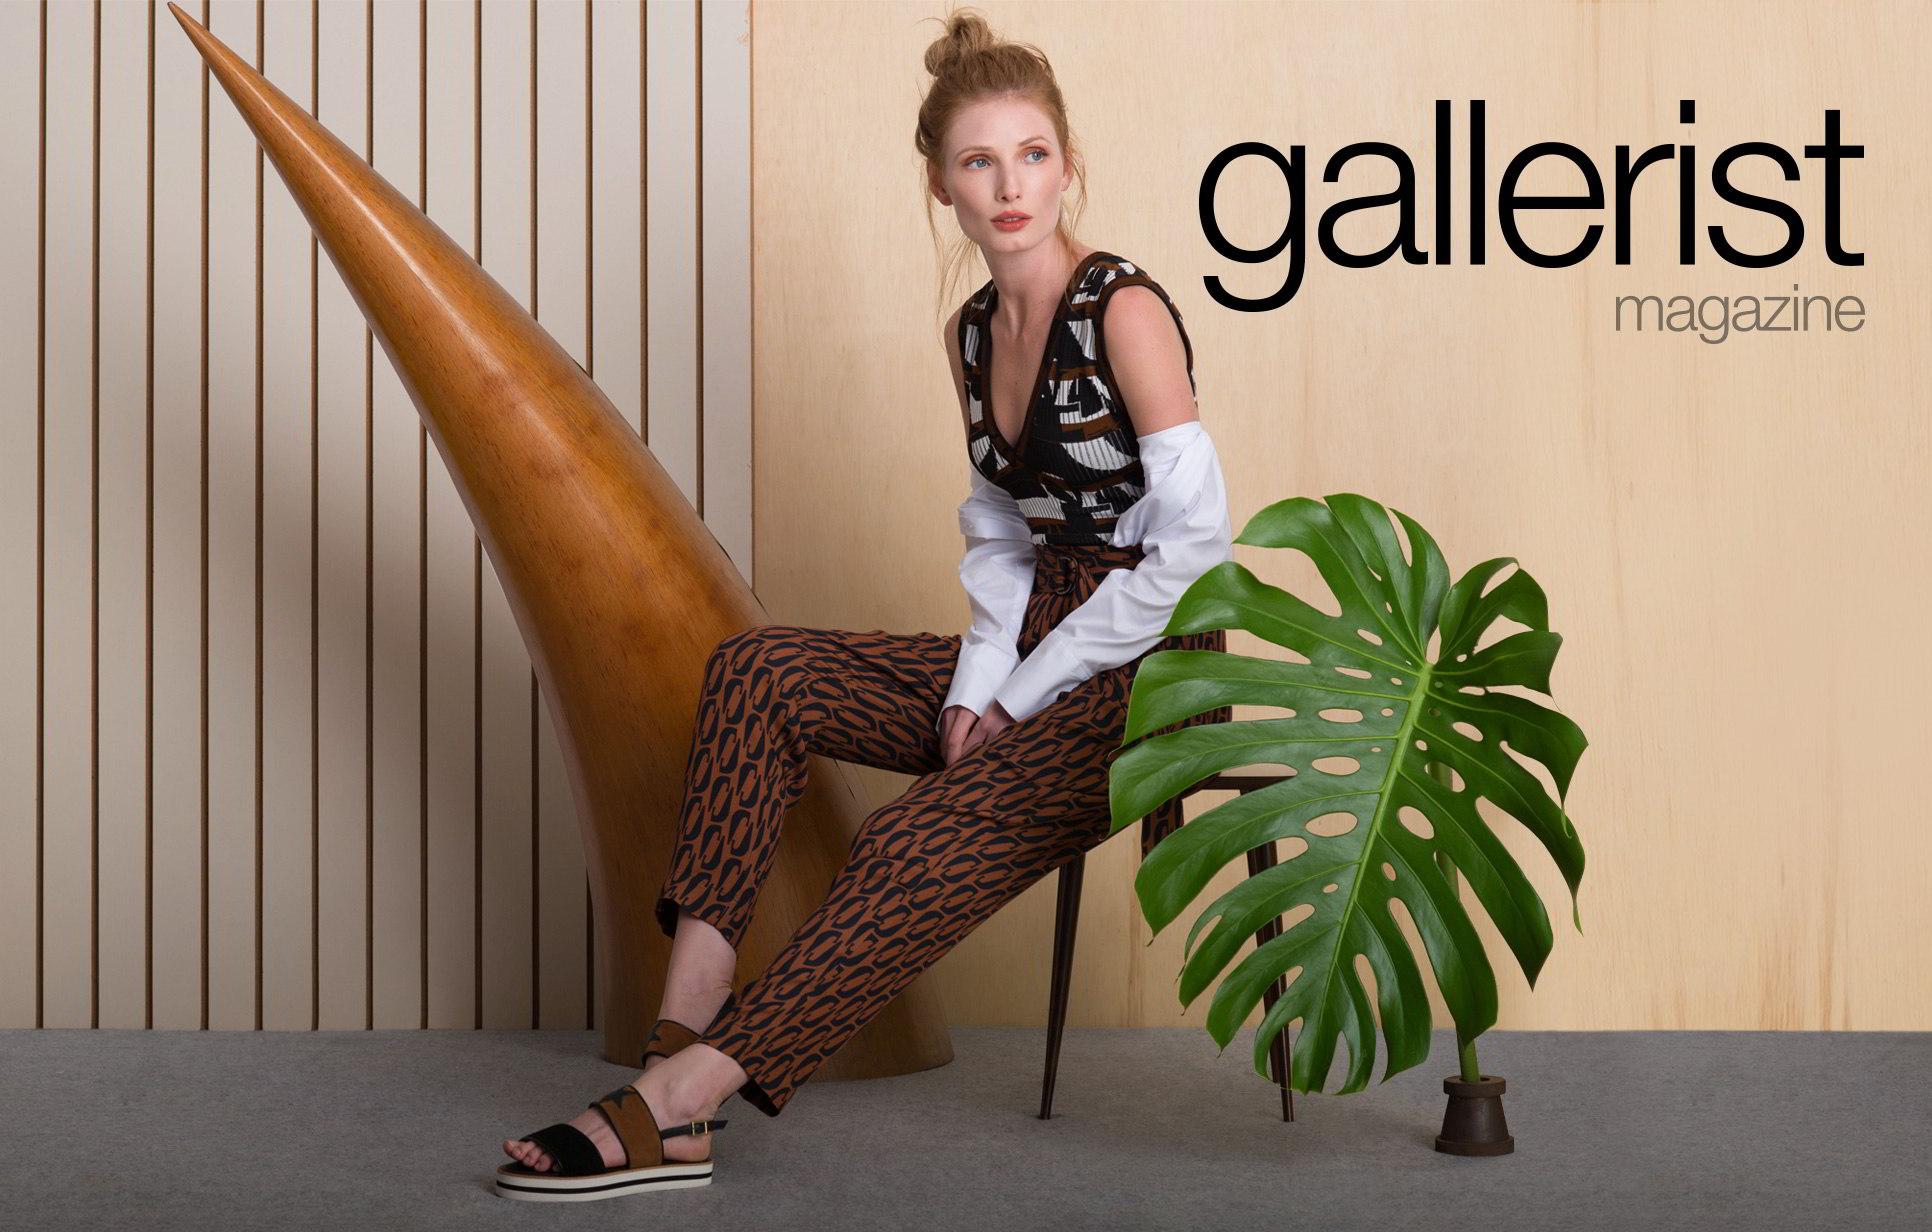 c53425eef Gallerist Magazine - Gallerist Blog   Shop